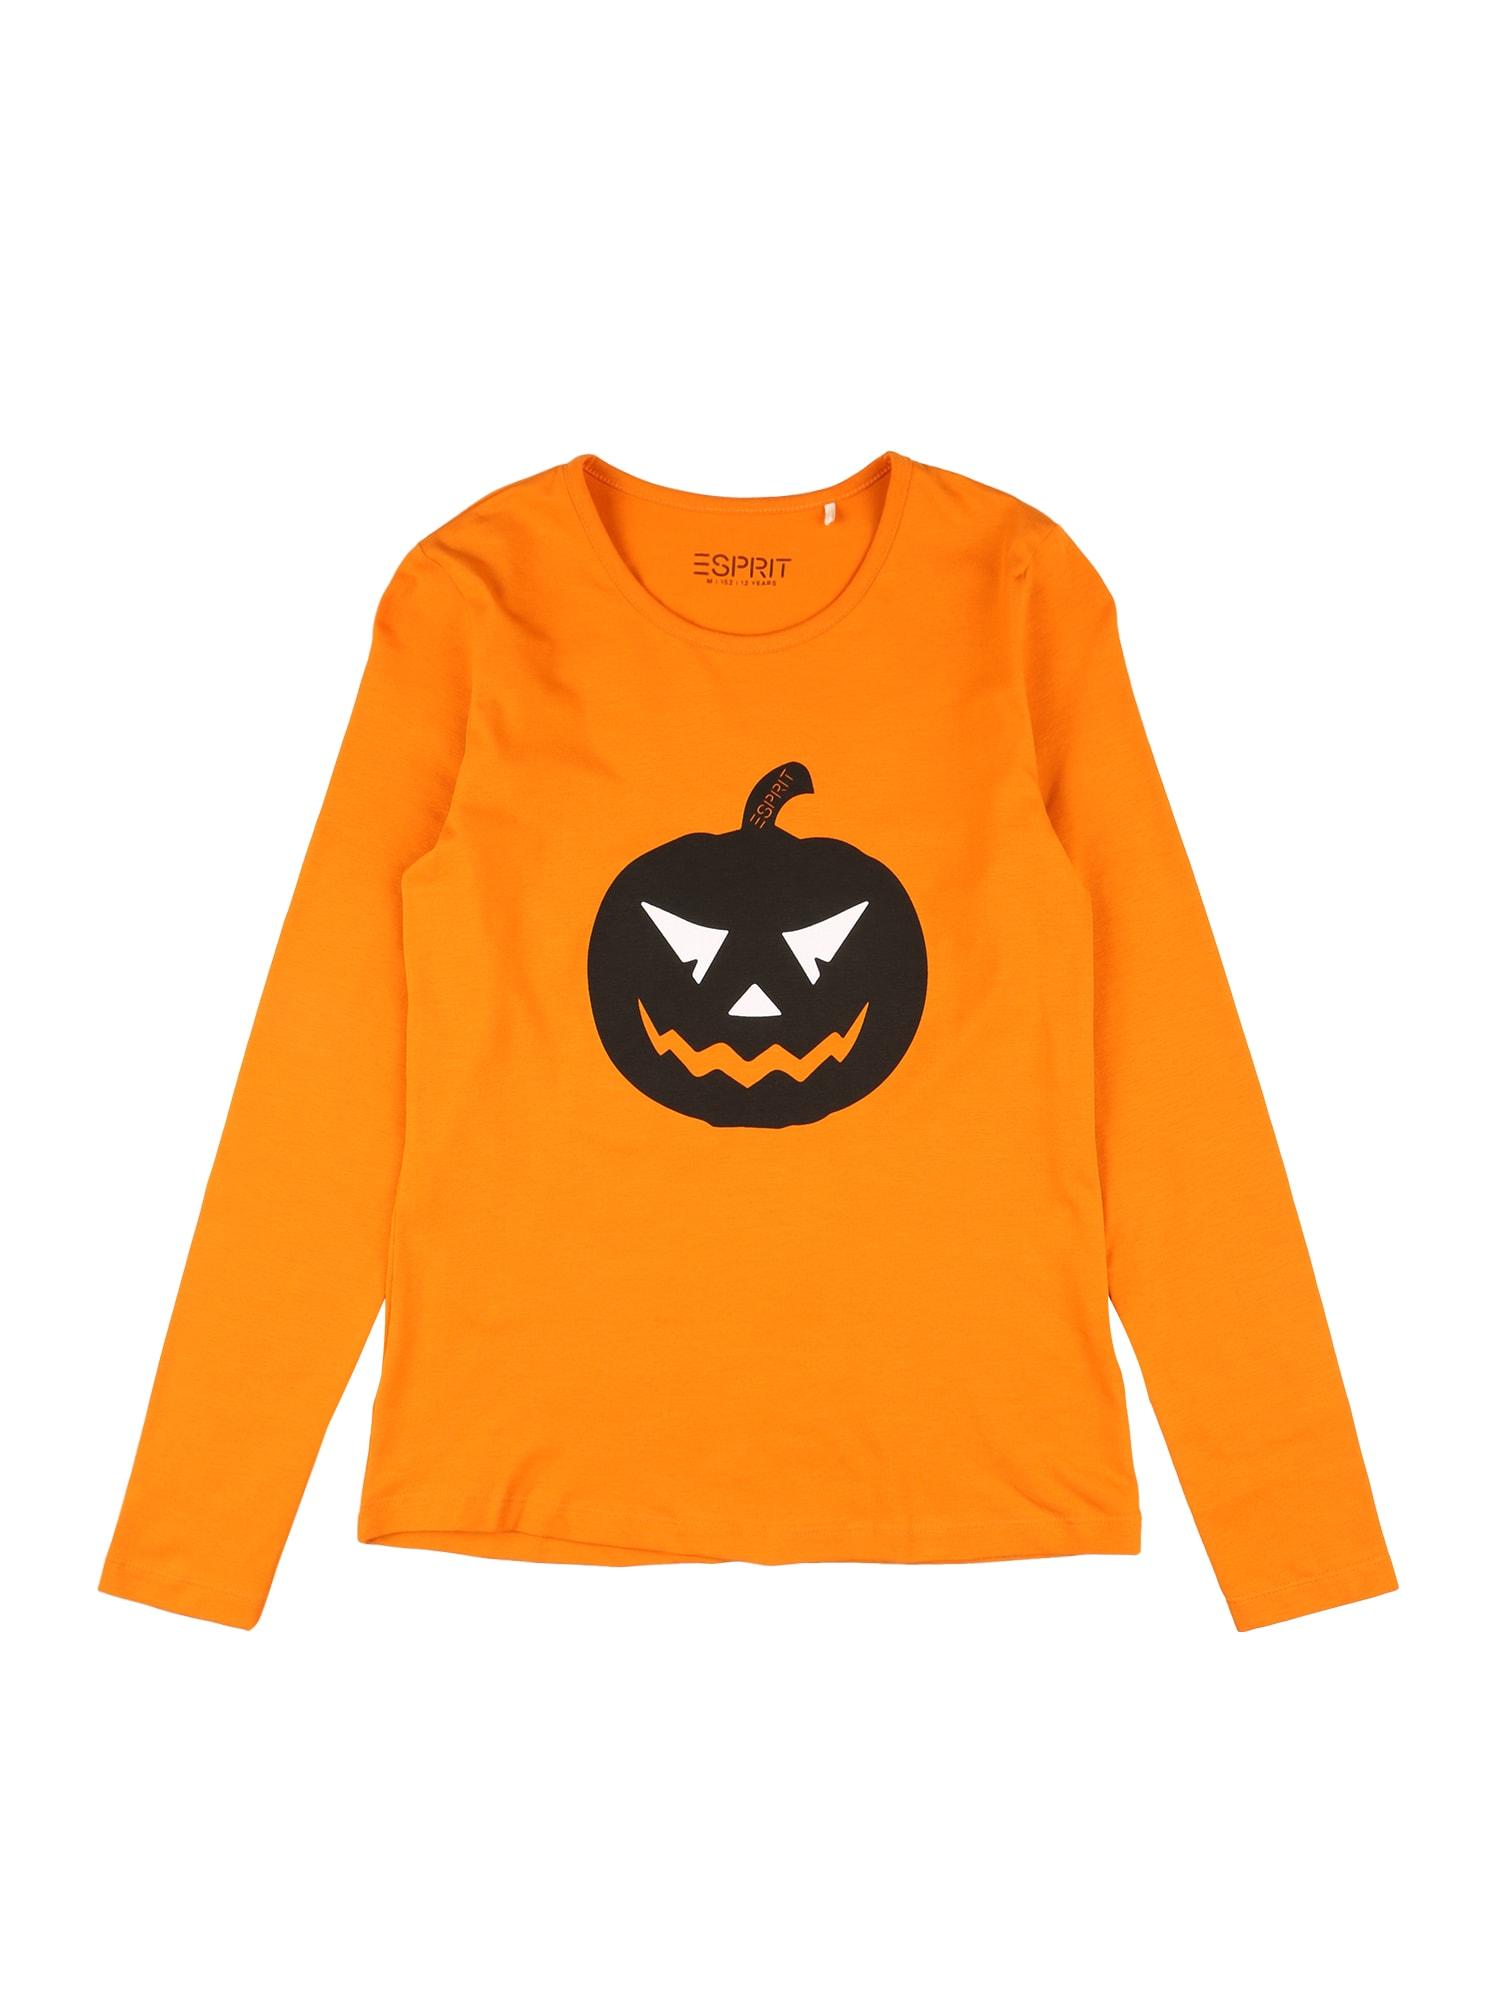 ESPRIT Marškinėliai oranžinė / juoda